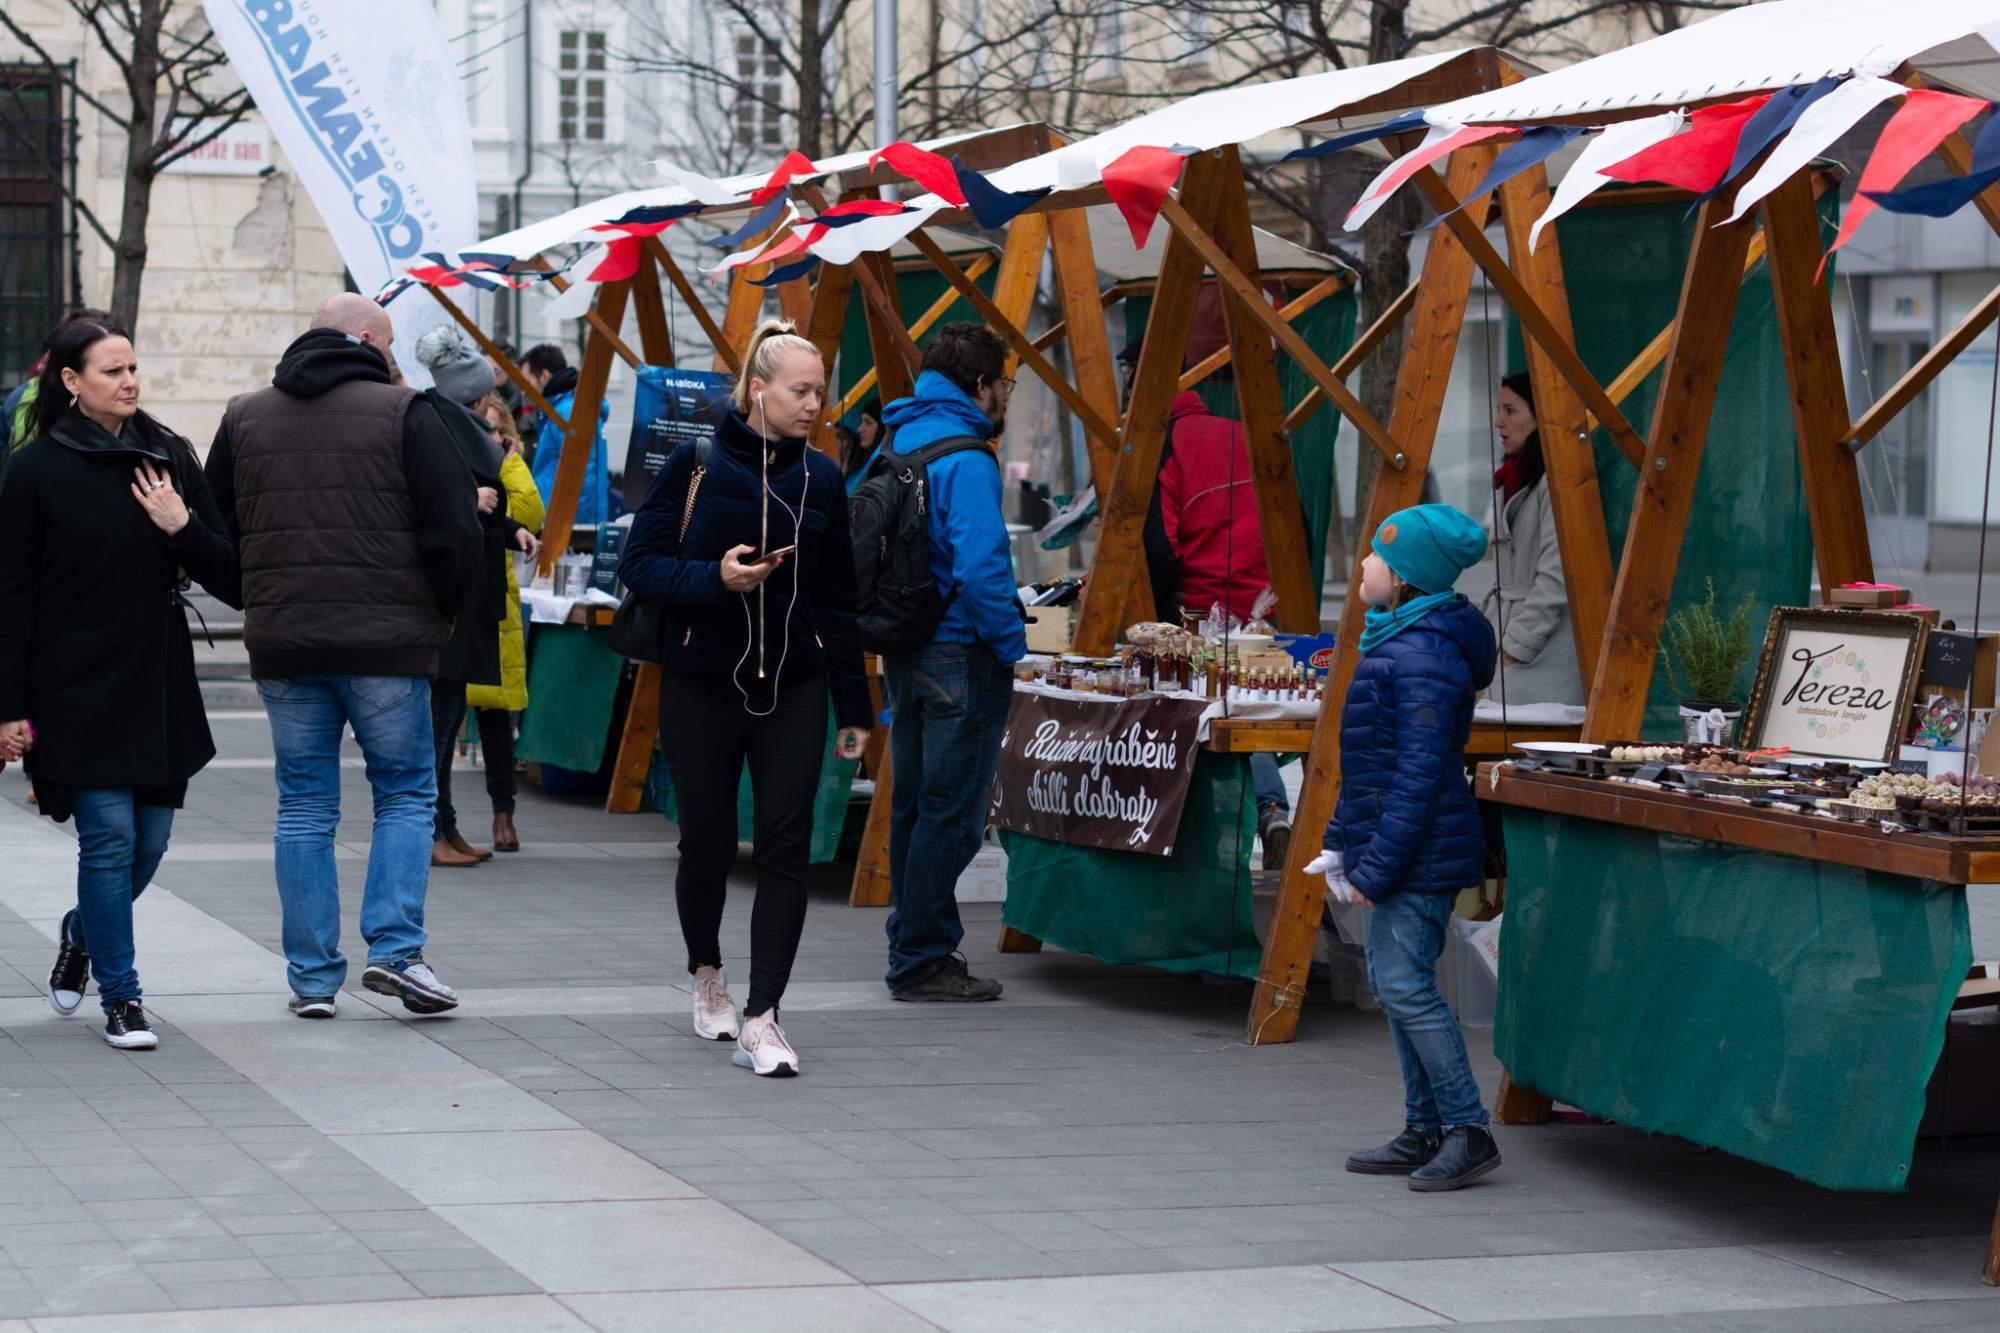 Trh se koná v rámci festivalu Bonjour Brno. Foto: Anna Viktorinová